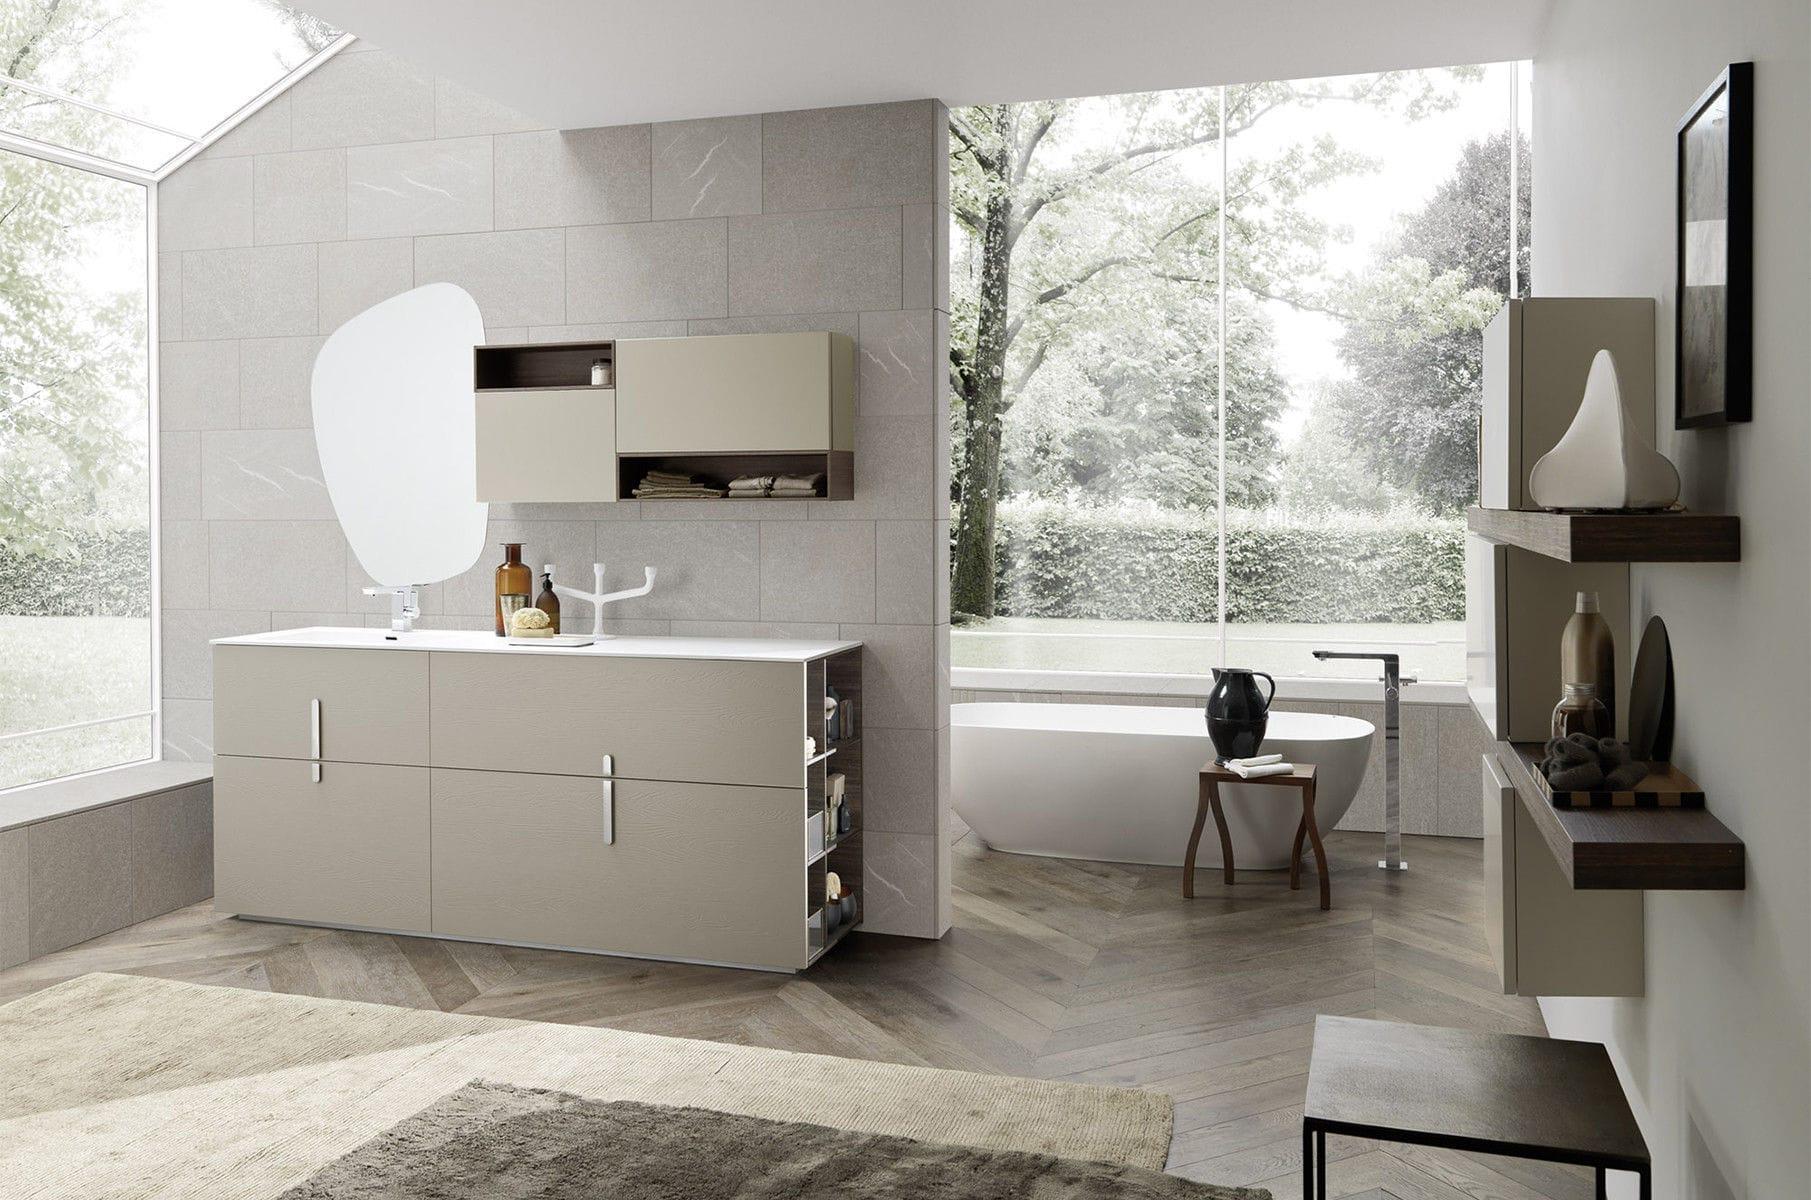 Modernes Badezimmer / Keramik / Holz / Melamin - COMPOSIZIONE 001 ...